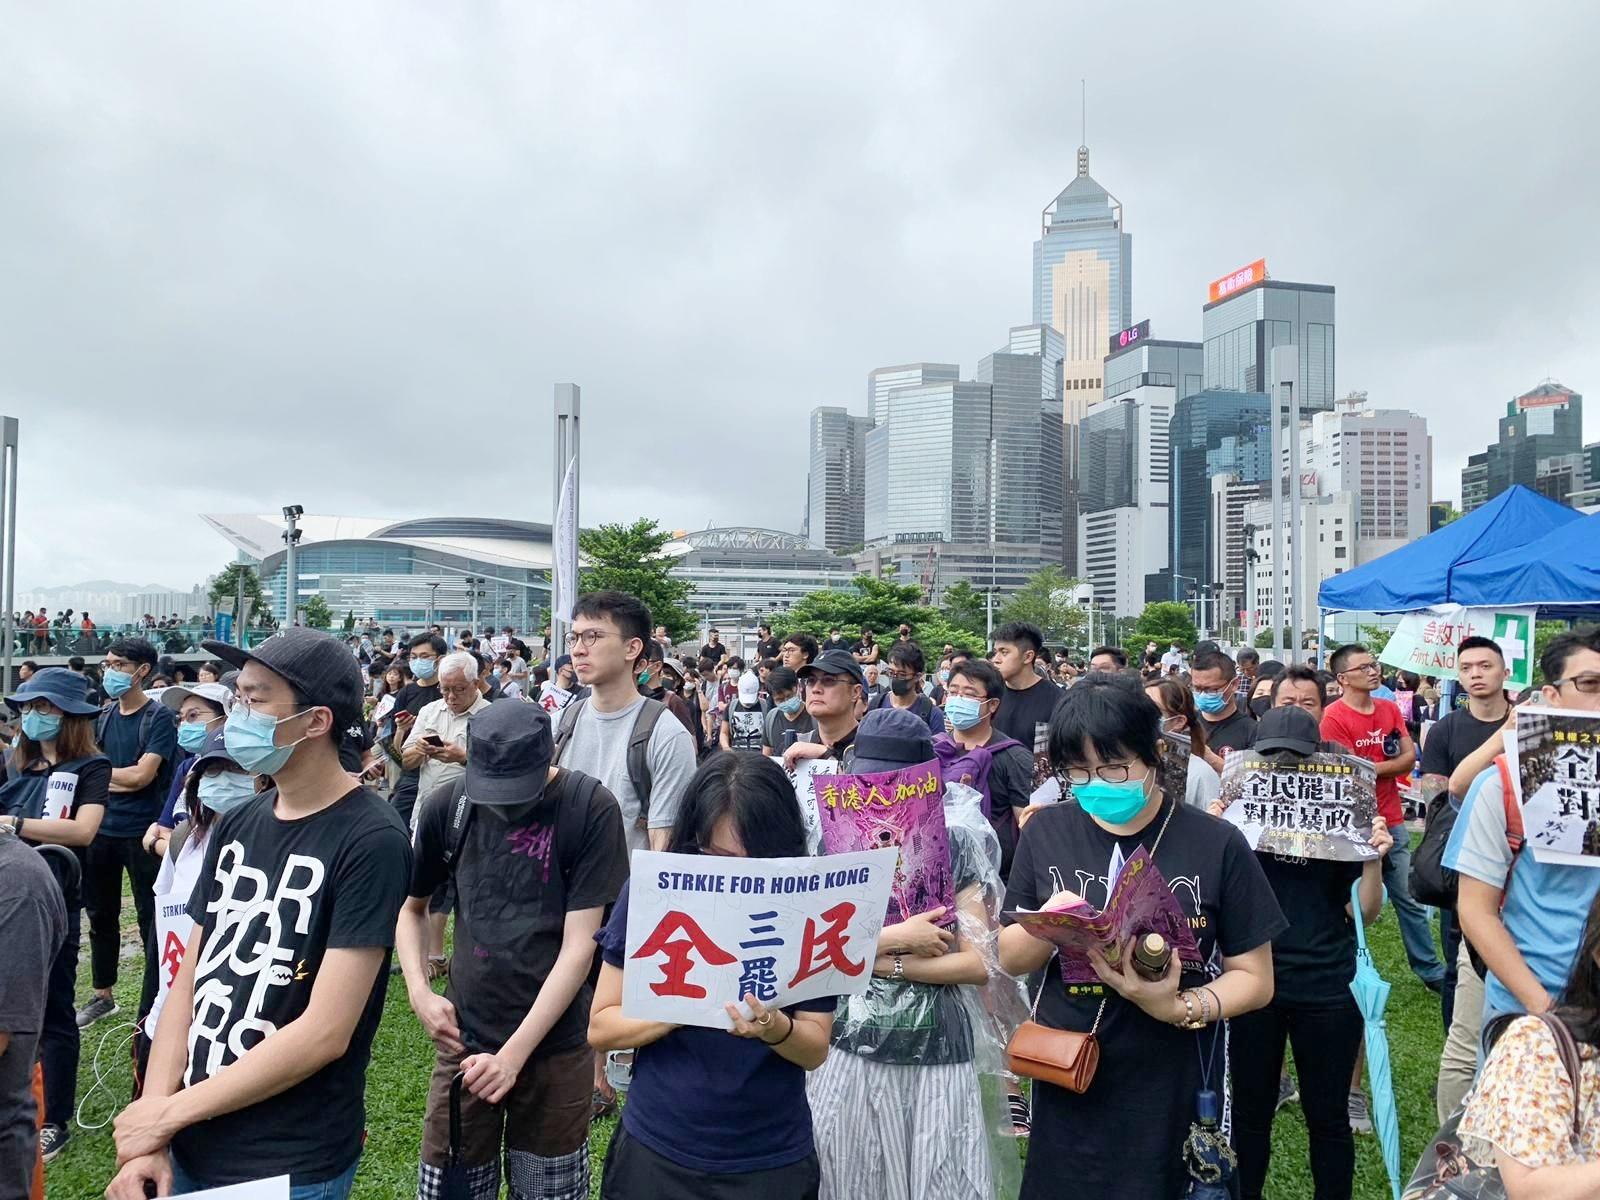 職工盟主席吳敏兒估計,超過4萬人出席。